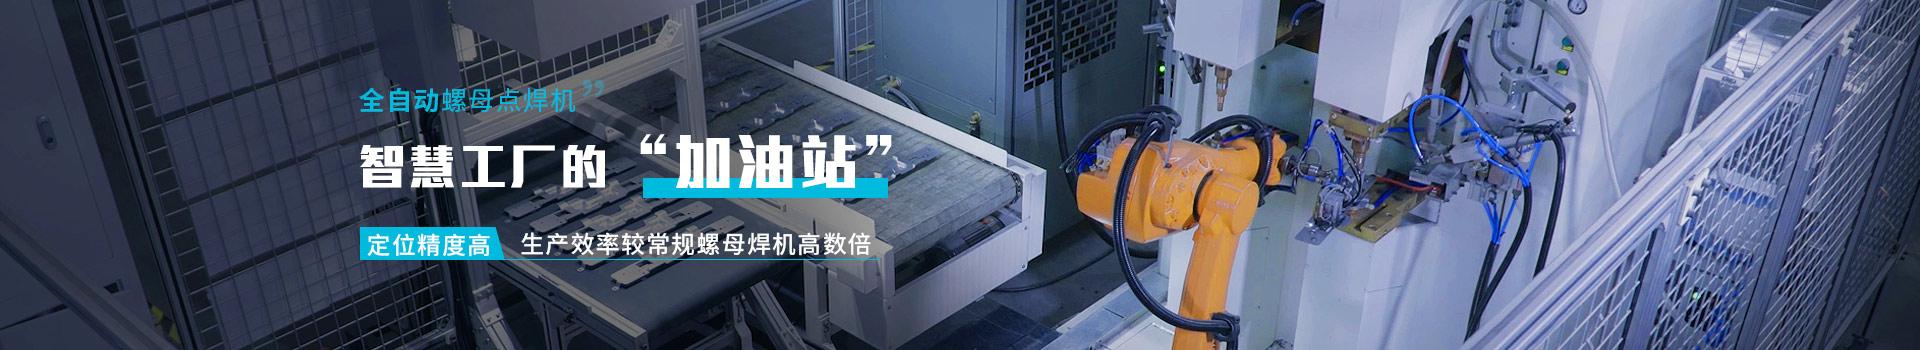 """全自动螺母点焊机     智能工厂的""""加油站""""        定位精度高    生产效率较常规螺母焊机高数倍"""